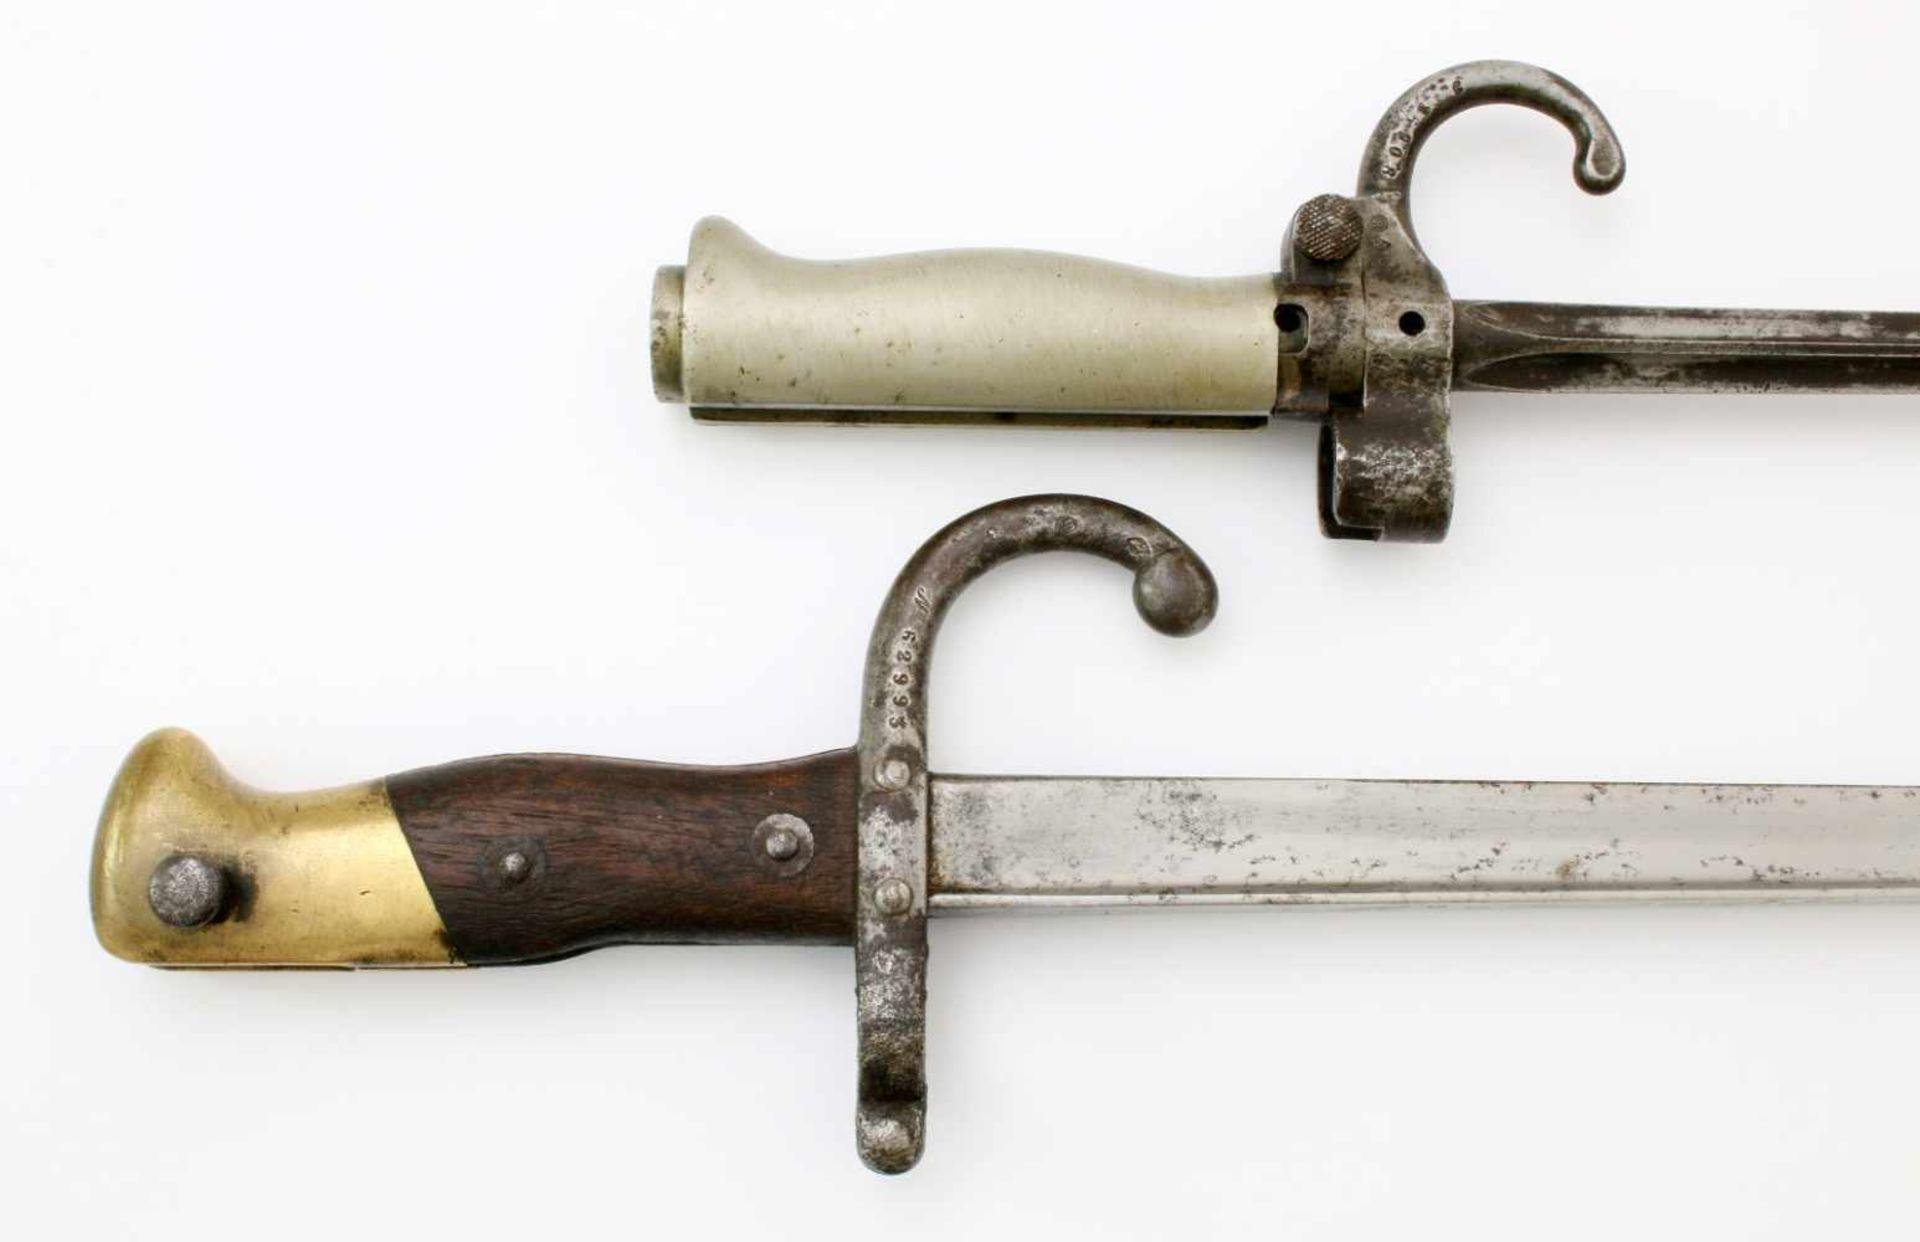 """Frankreich - 2 Bajonette1x Säbelbajonett M1874, auf Klingenrücken Herst. """"St. Etienne Juillet 1878"""". - Bild 4 aus 4"""